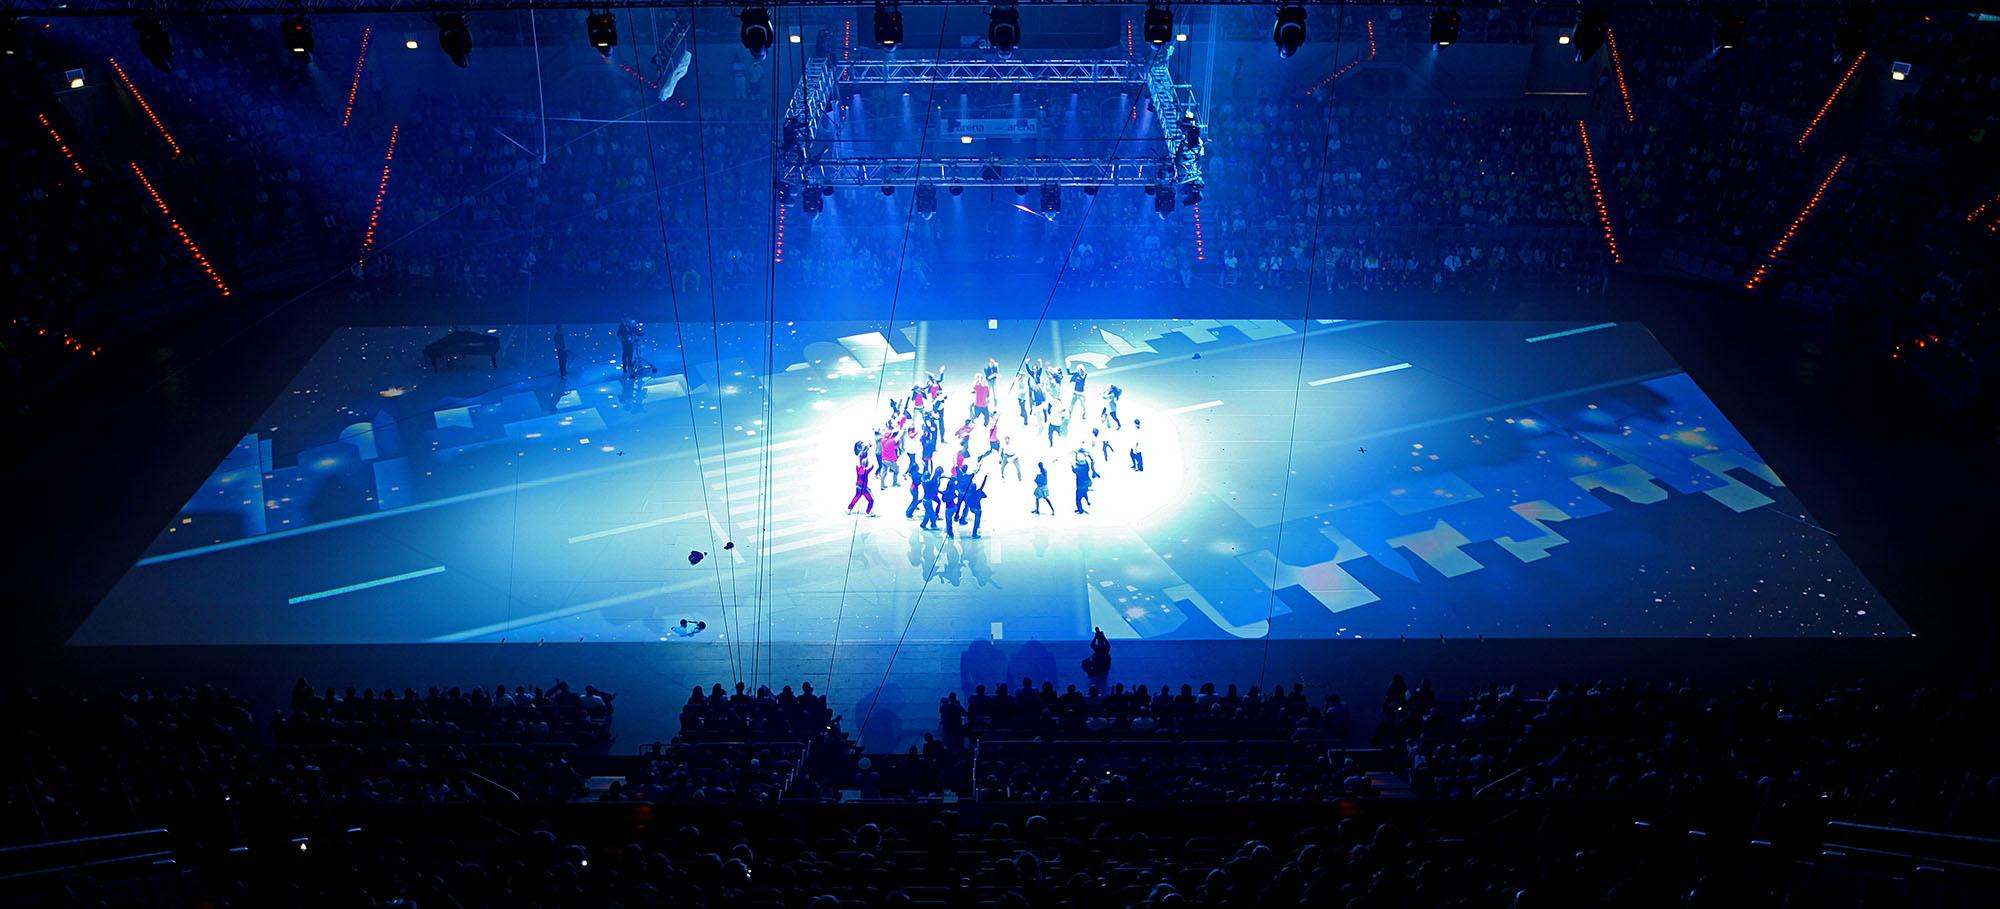 Turnfestgala_Mannheim_05.jpg